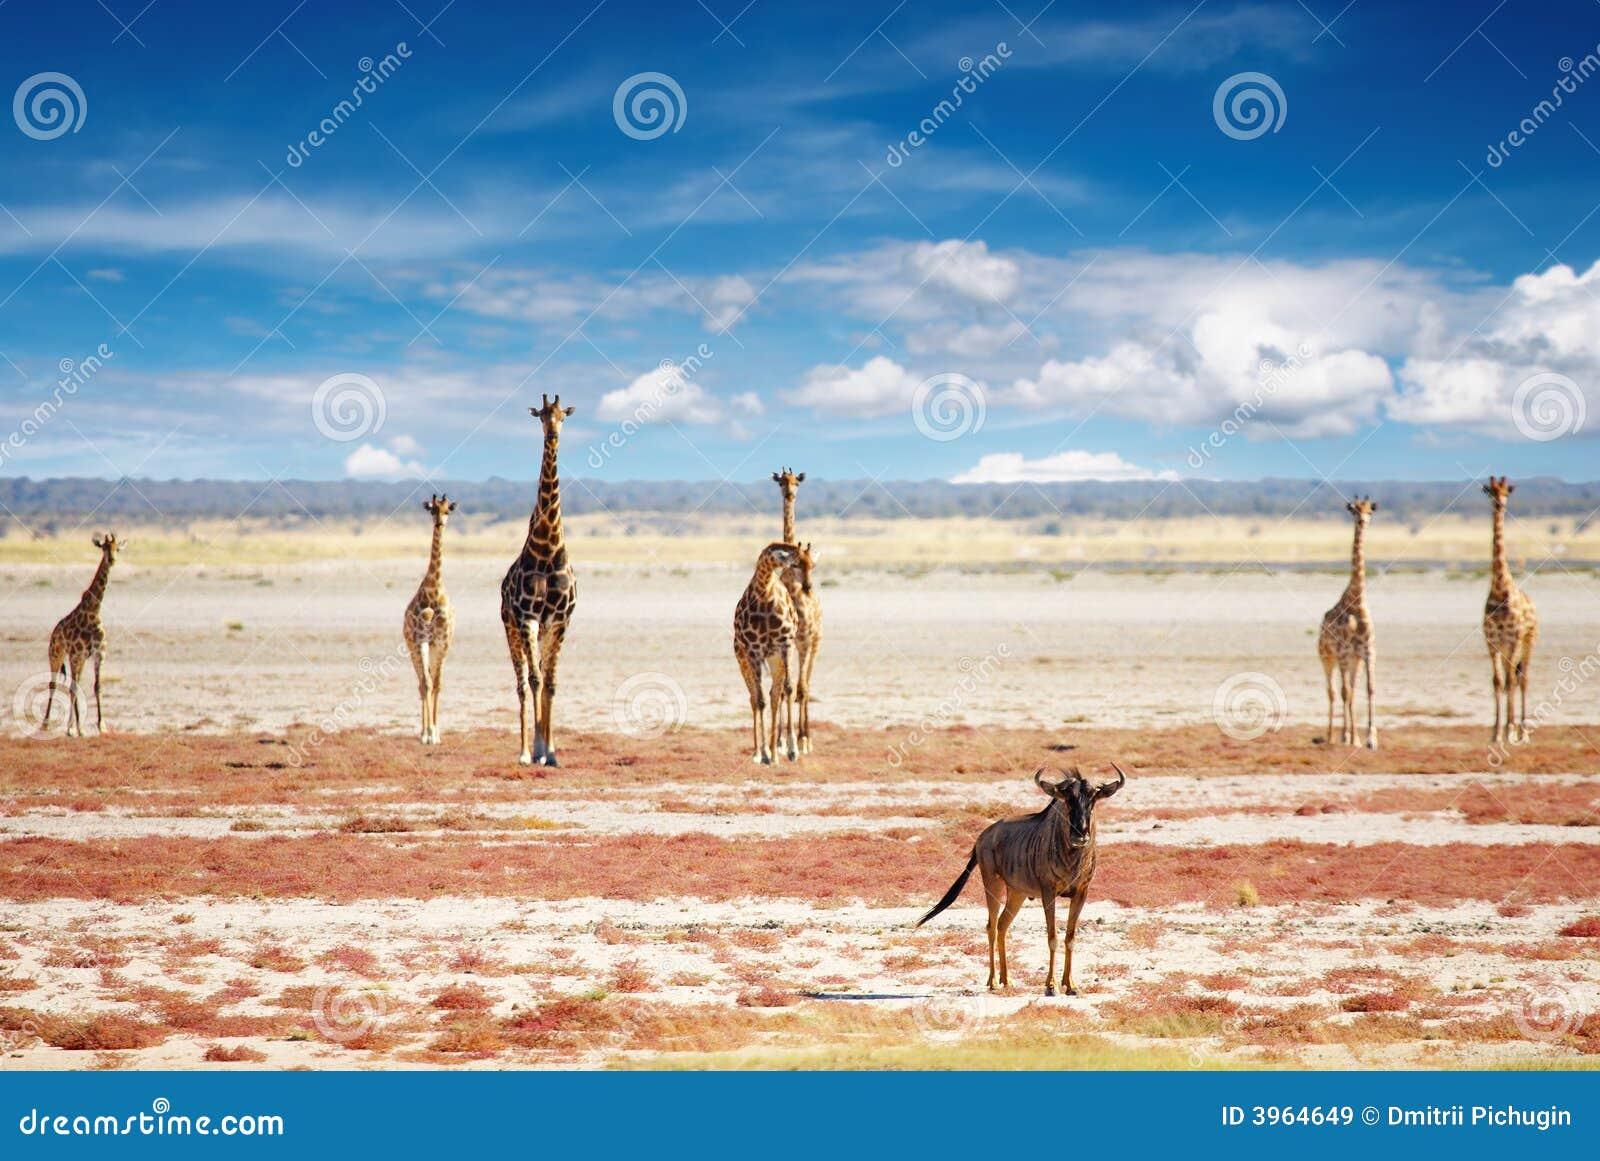 Kudde van giraffen